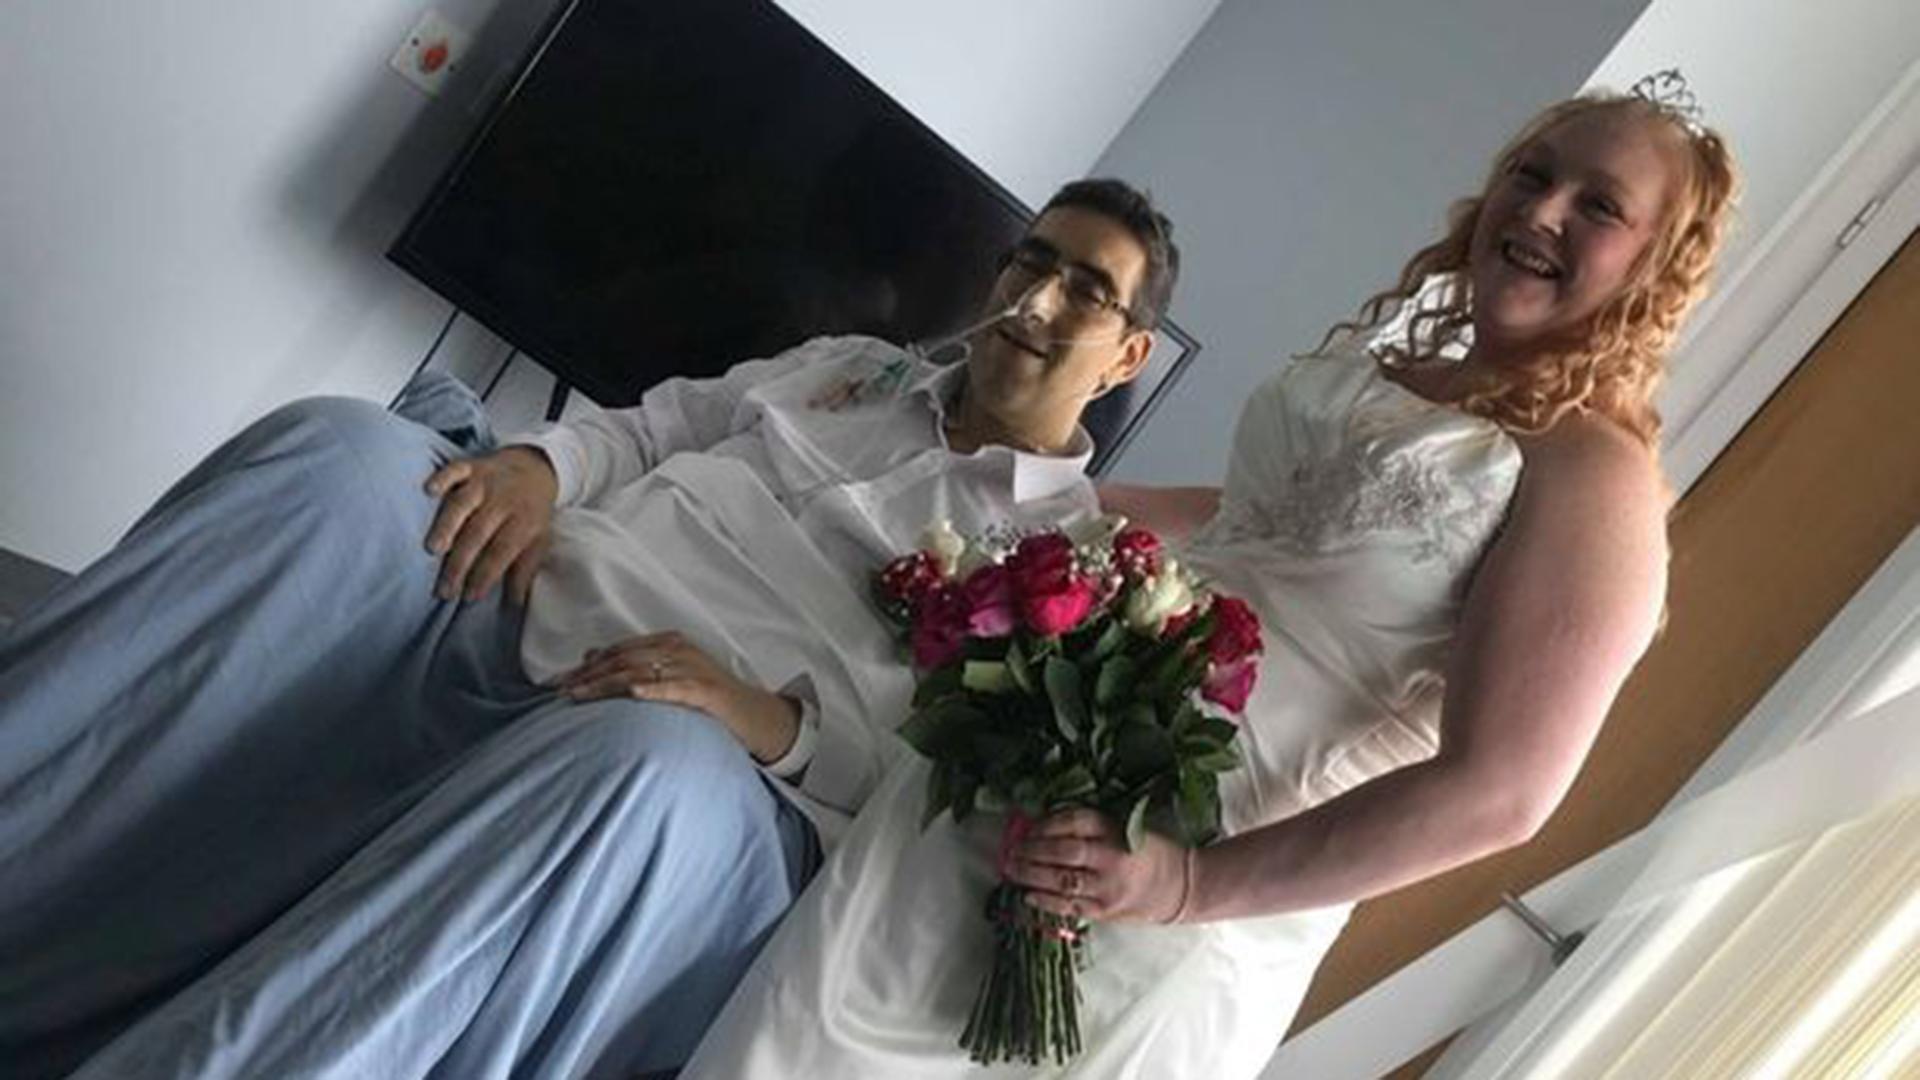 Se Casaron Y 13 Horas Despues En Su Noche De Bodas Se Dieron Su